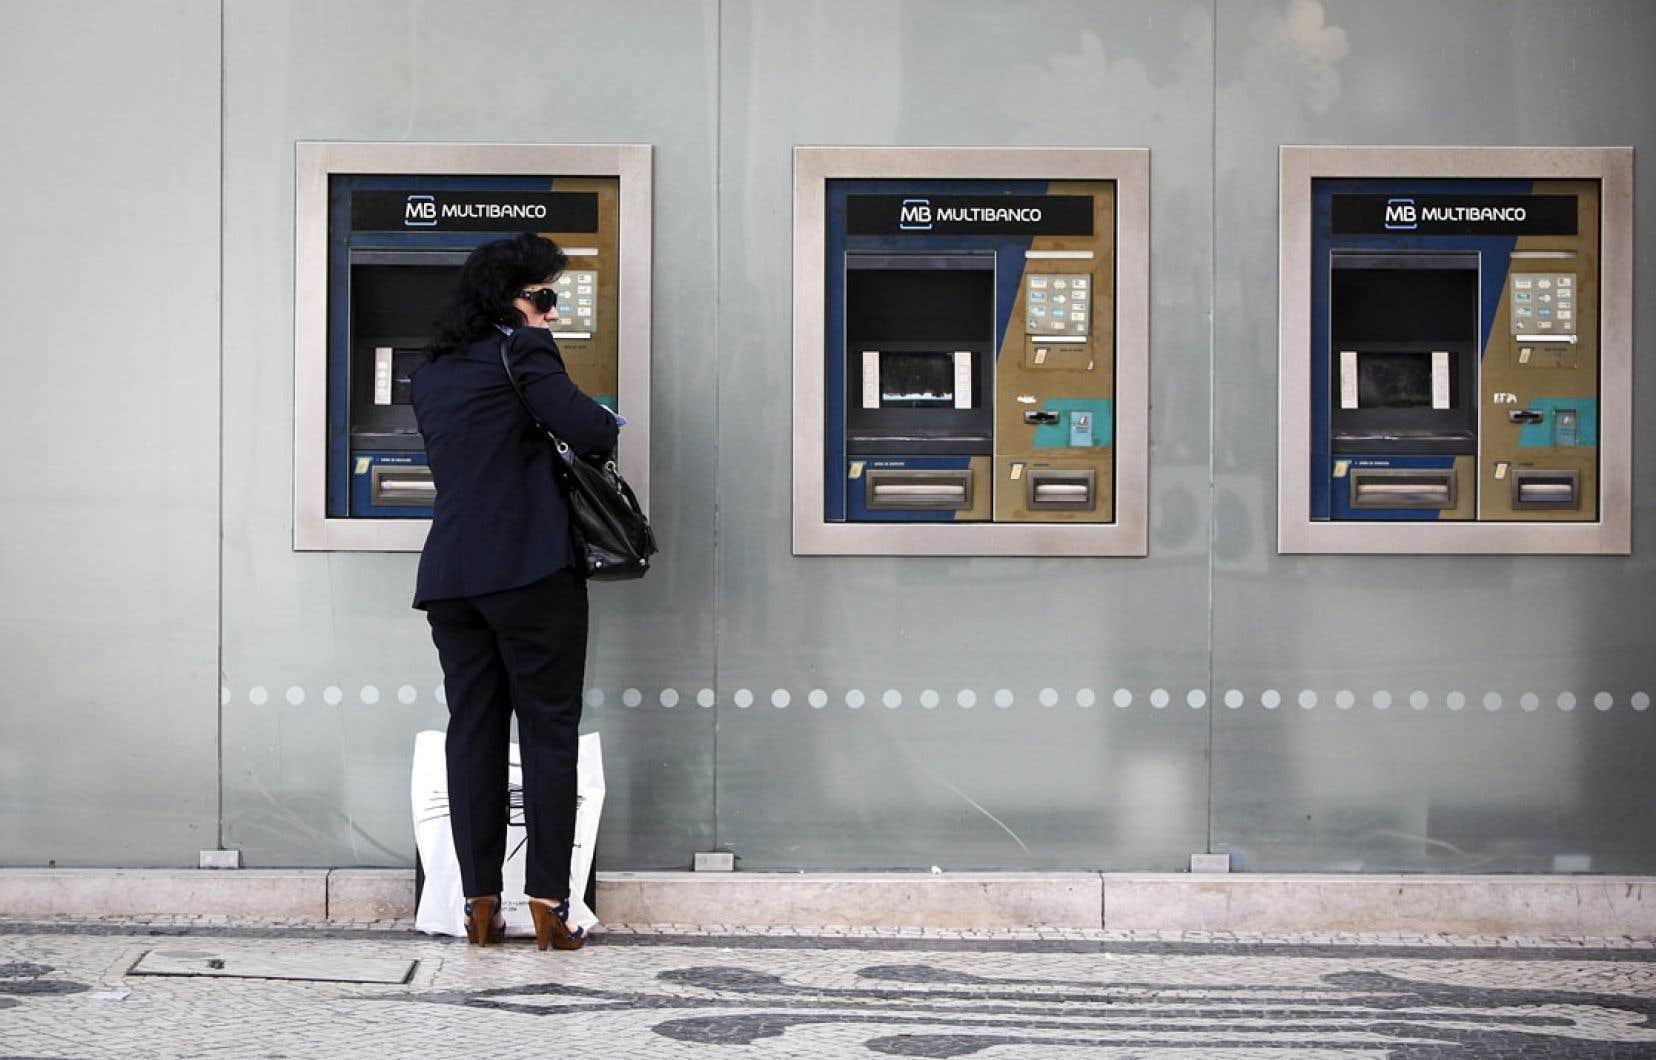 À Lisbonne, une cliente de la Banco Espirito Santo effectue une opération bancaire à un guichet automatique.